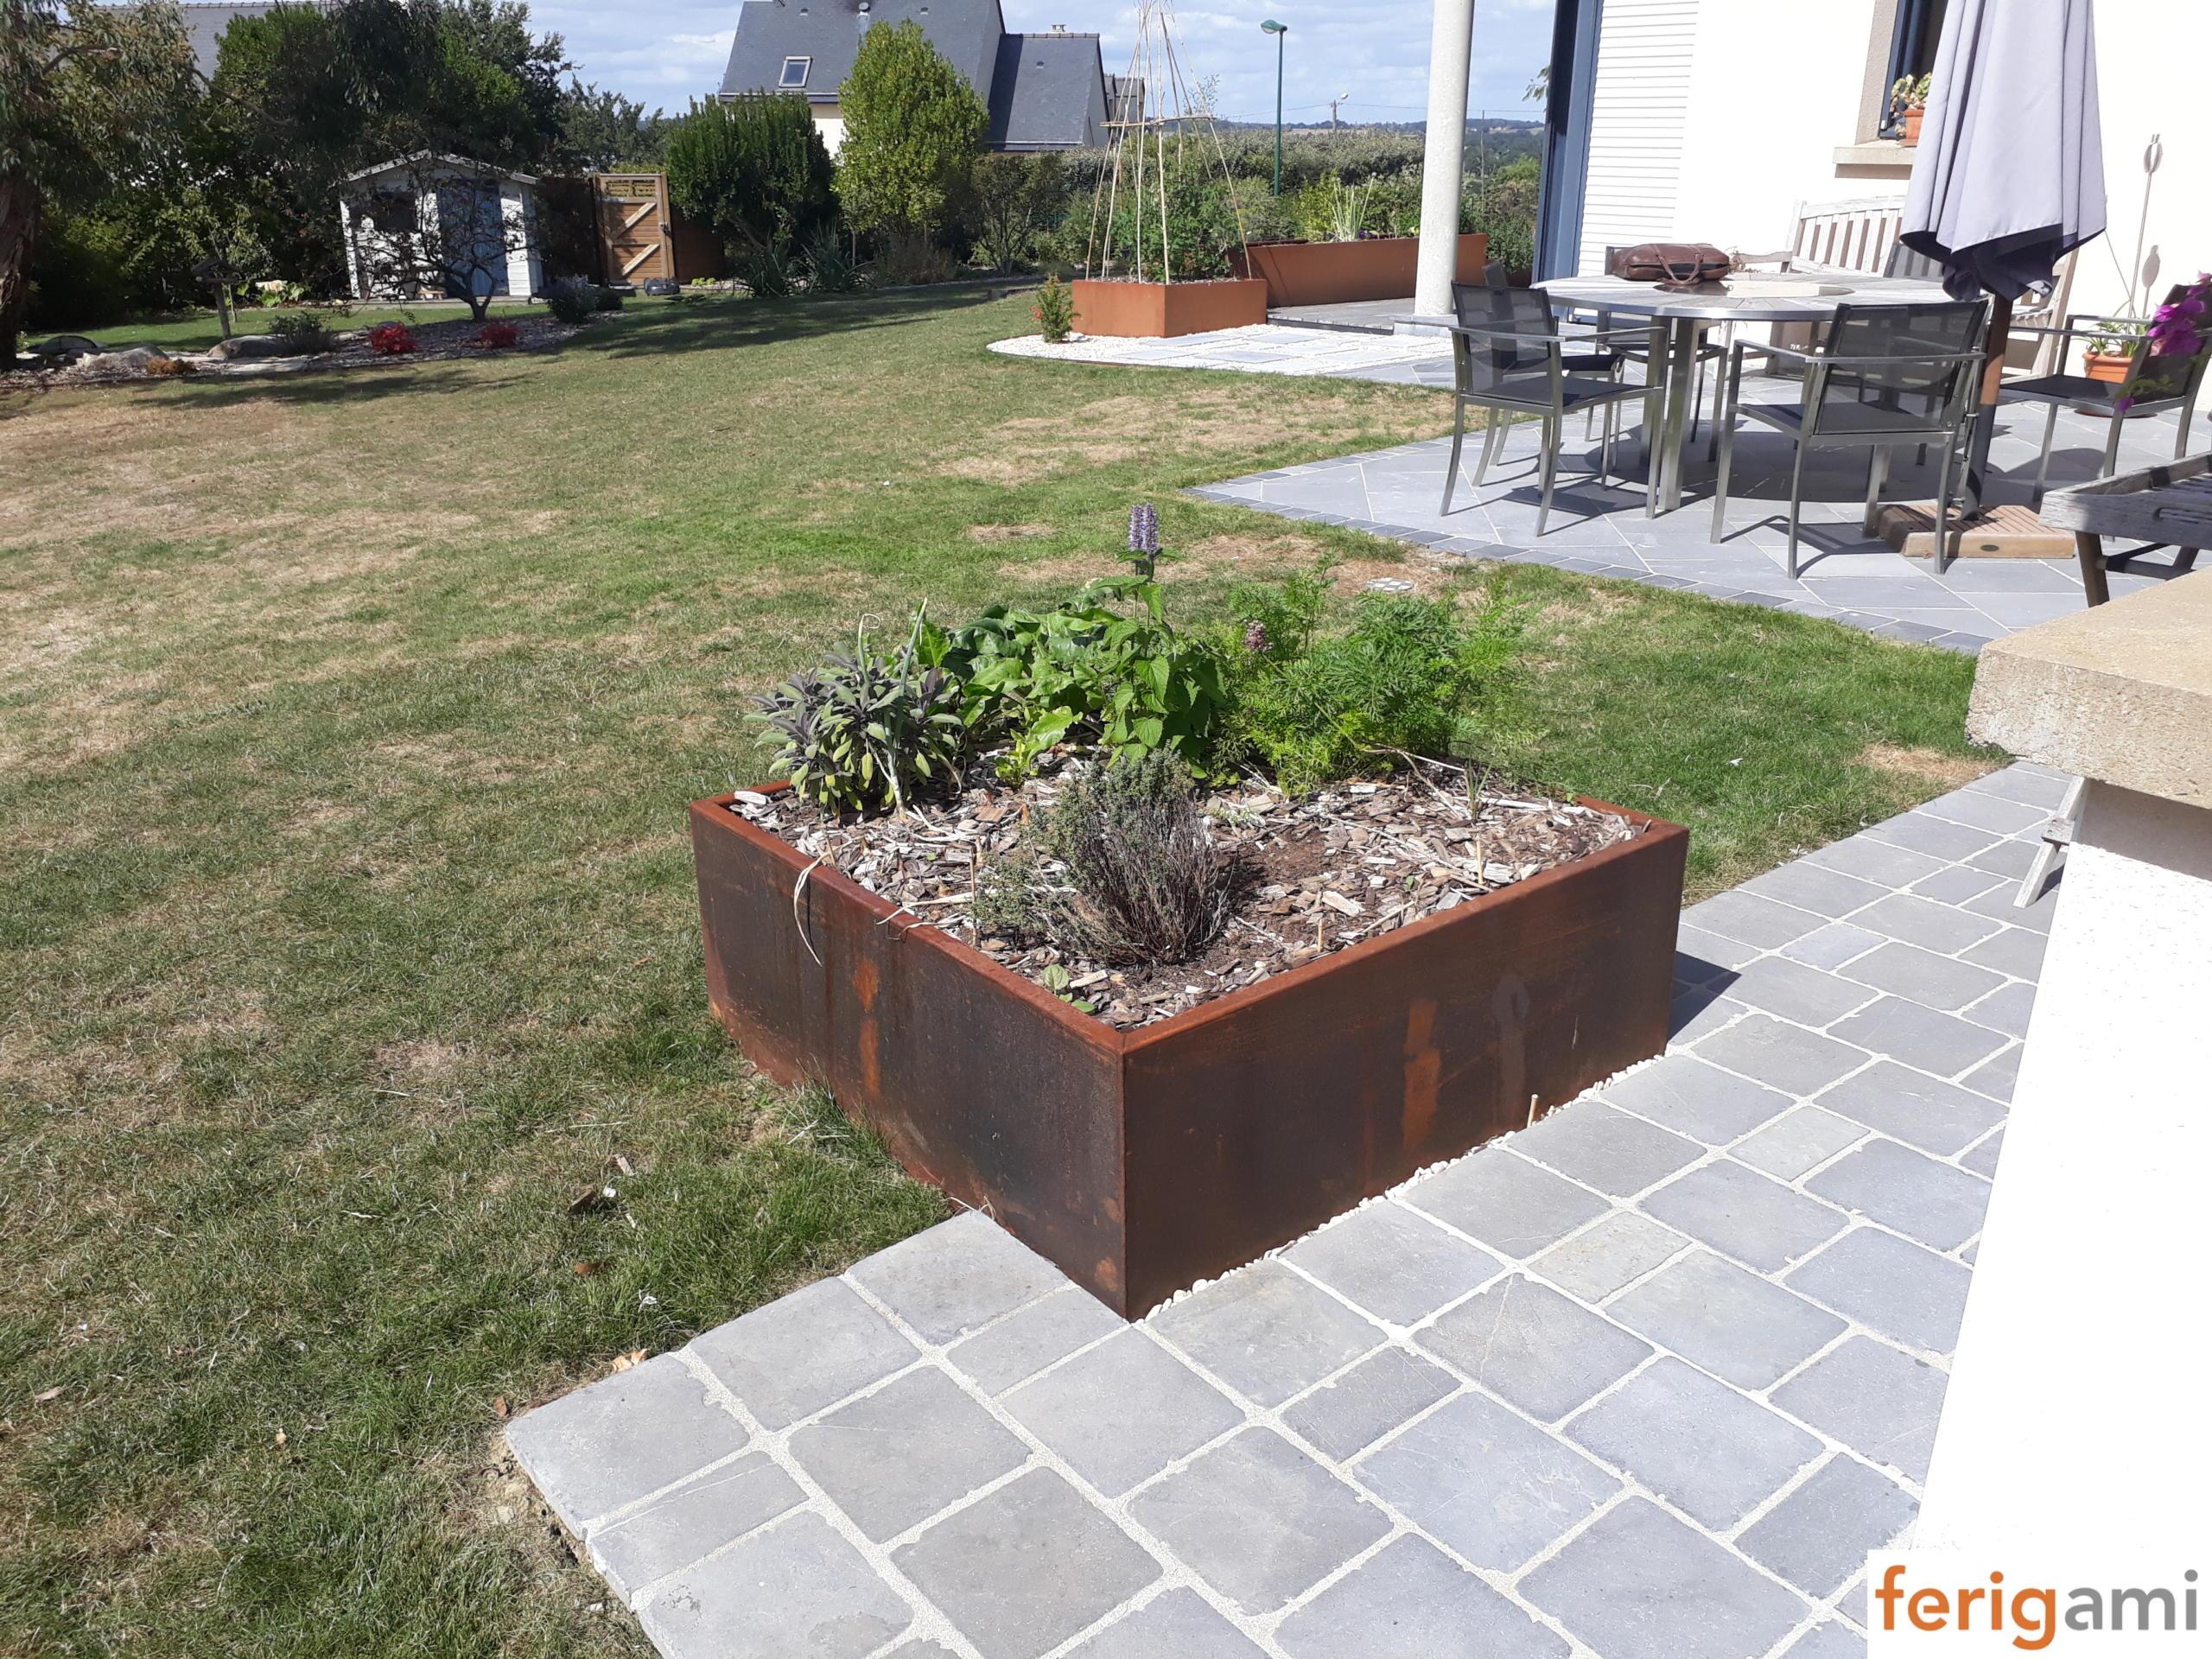 jardiniere corten Ferigami